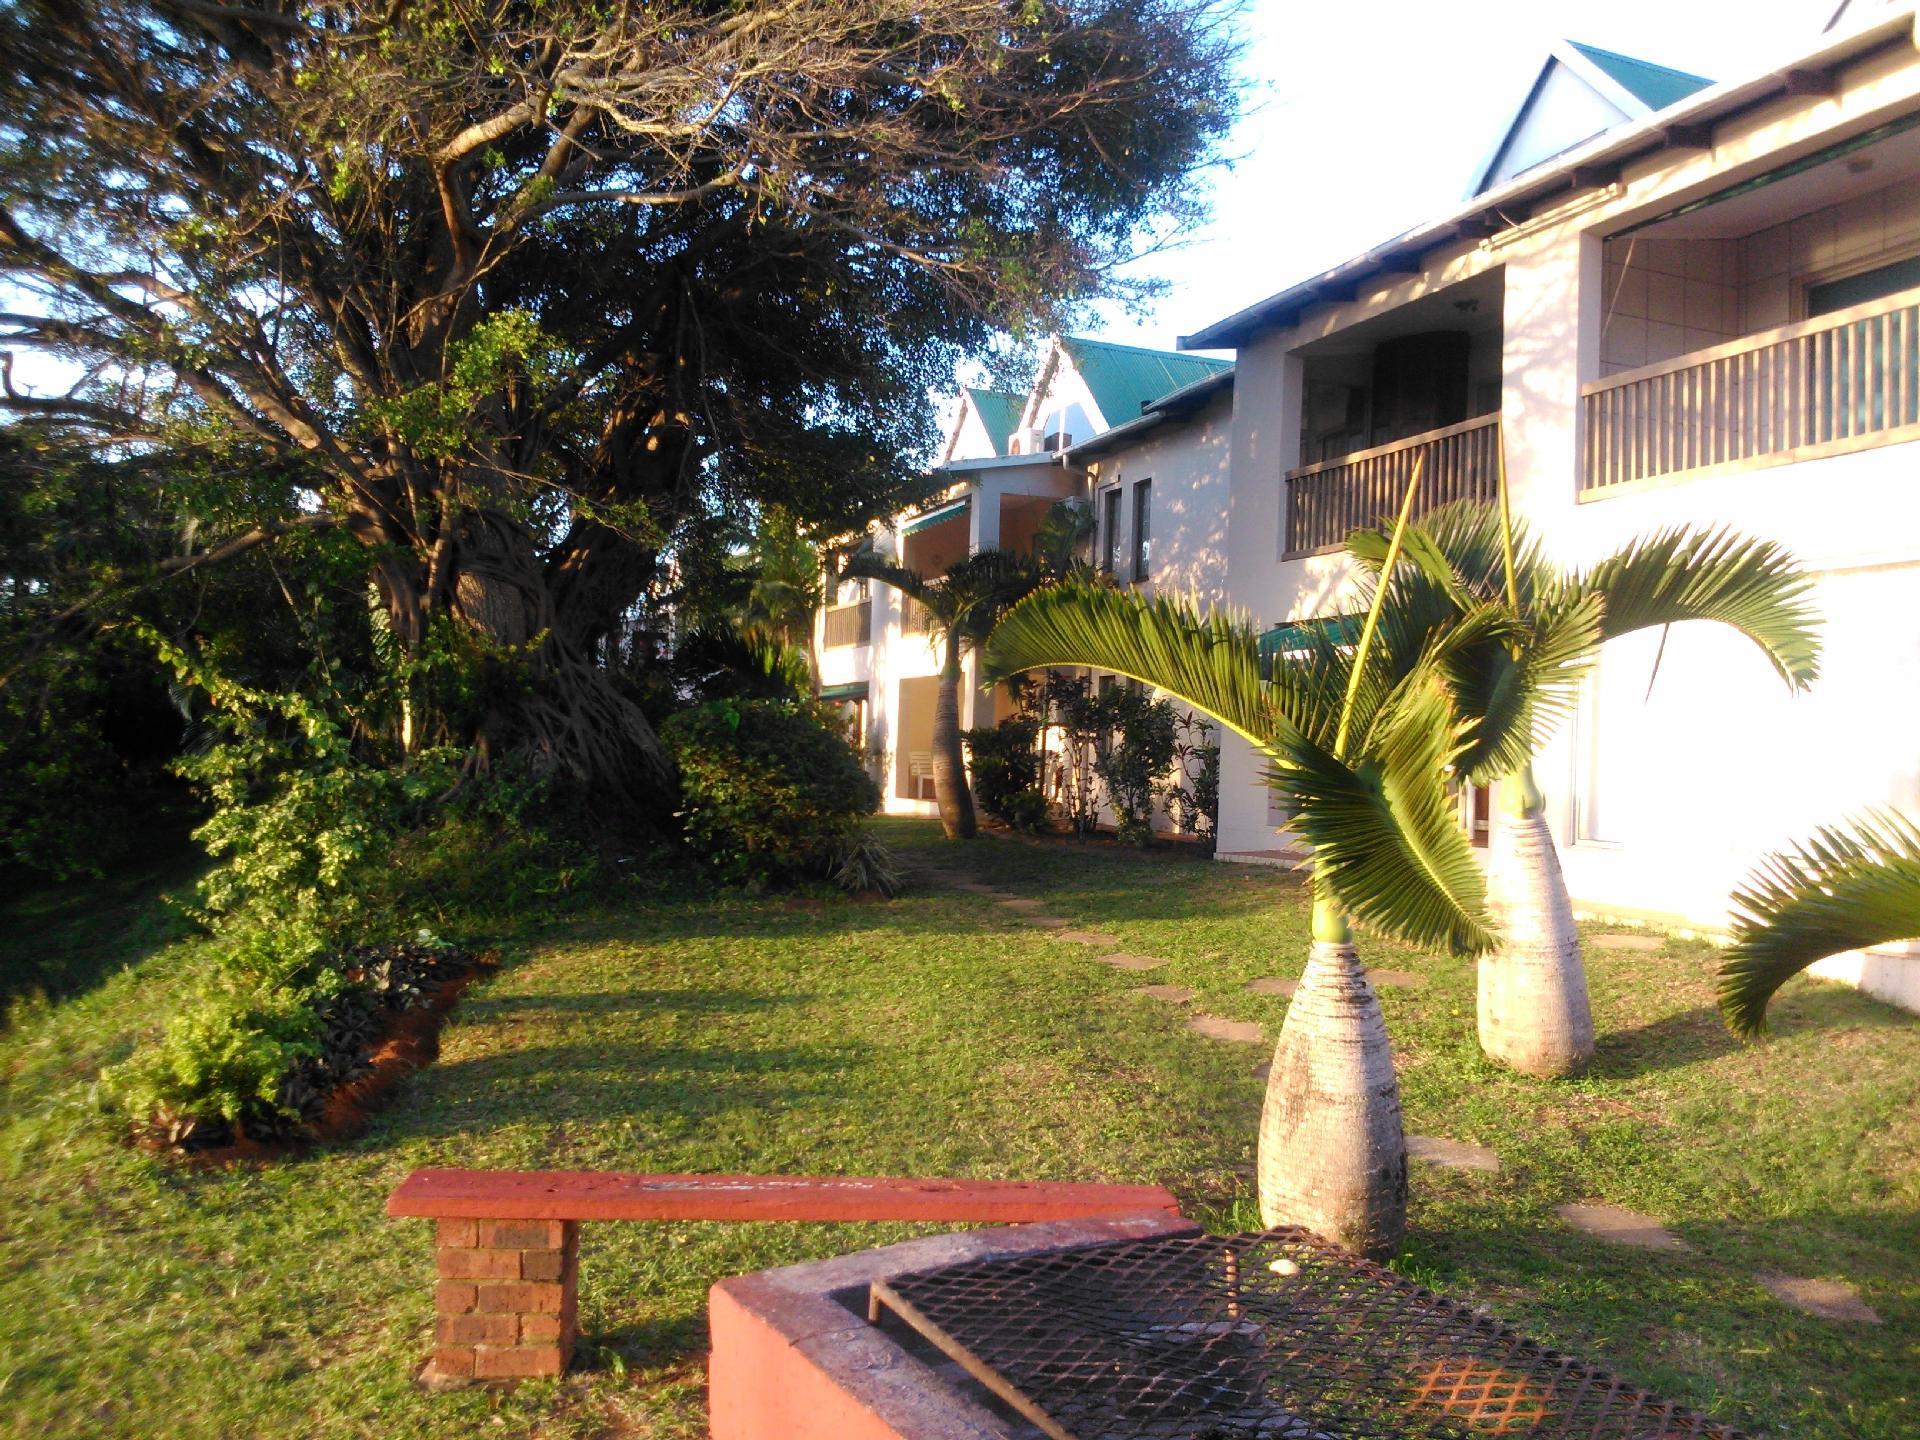 Ferienwohnung für 6 Personen ca. 89 m² i  in Afrika